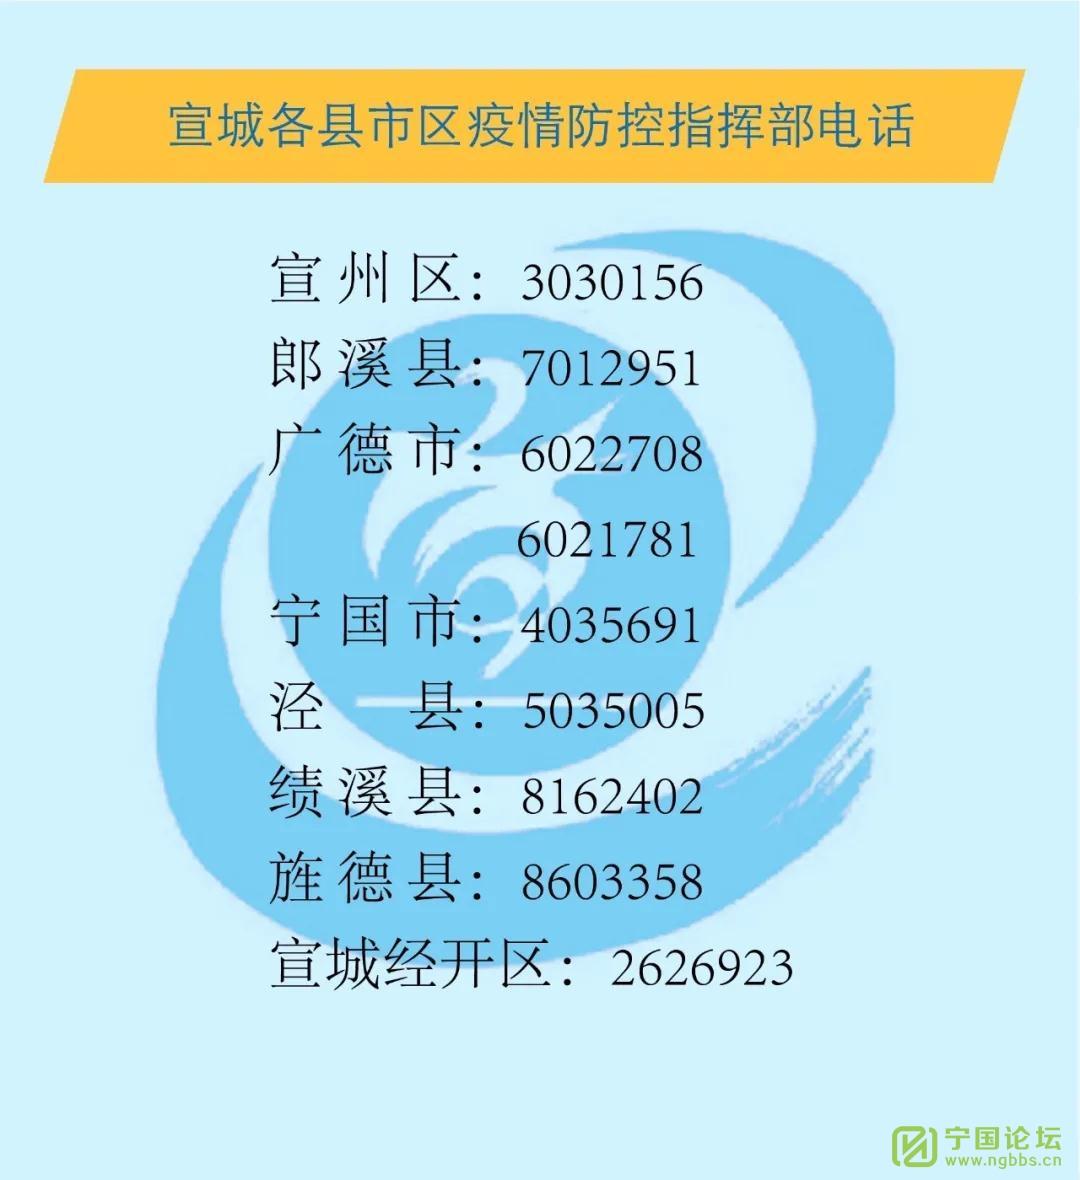 宣城各县市区疫情防控指挥部电话 - 宁国论坛 - 微信图片_20210114181823.jpg